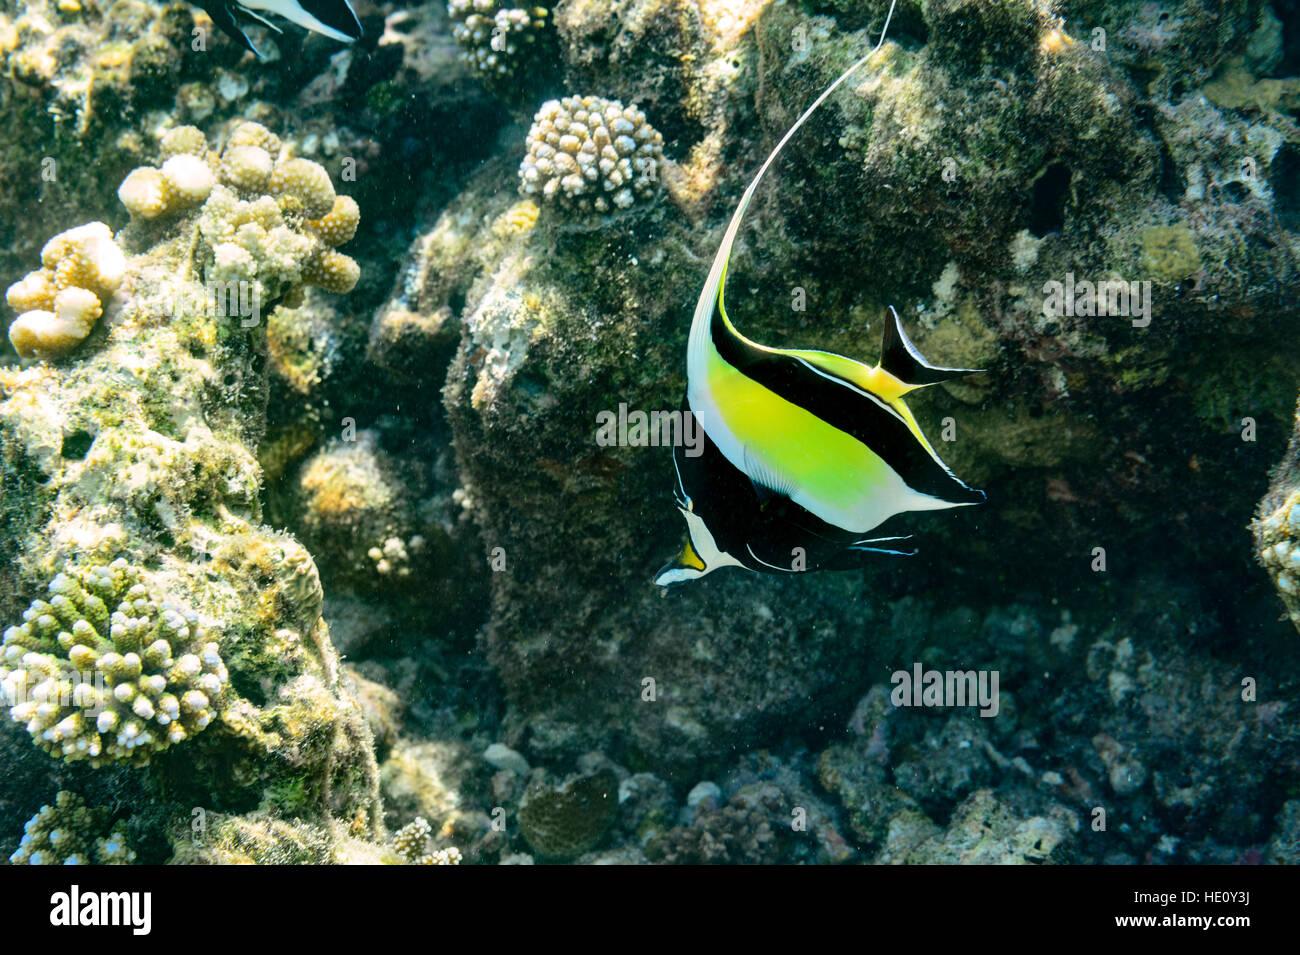 Moorish Idol swimming in coral reef - Stock Image